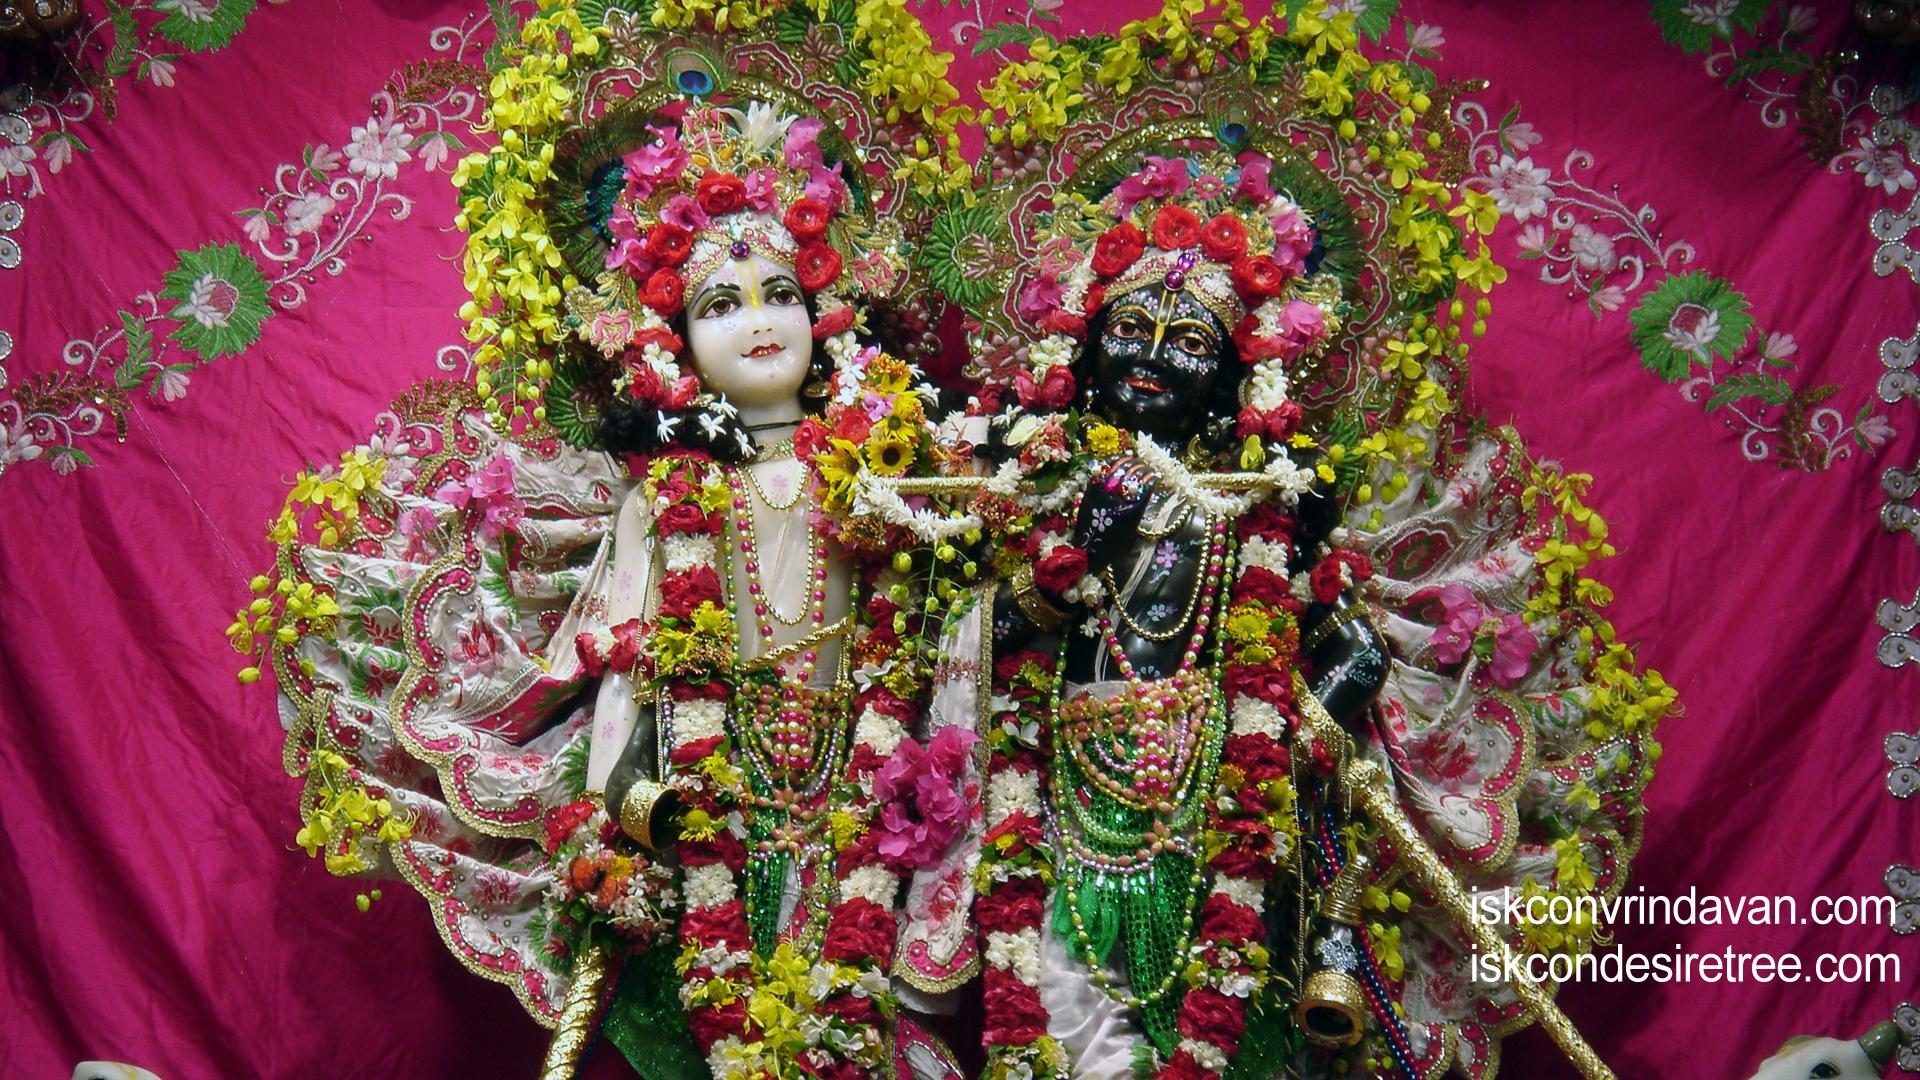 Sri Sri Krishna Balaram Wallpaper (010) Size 1920x1080 Download